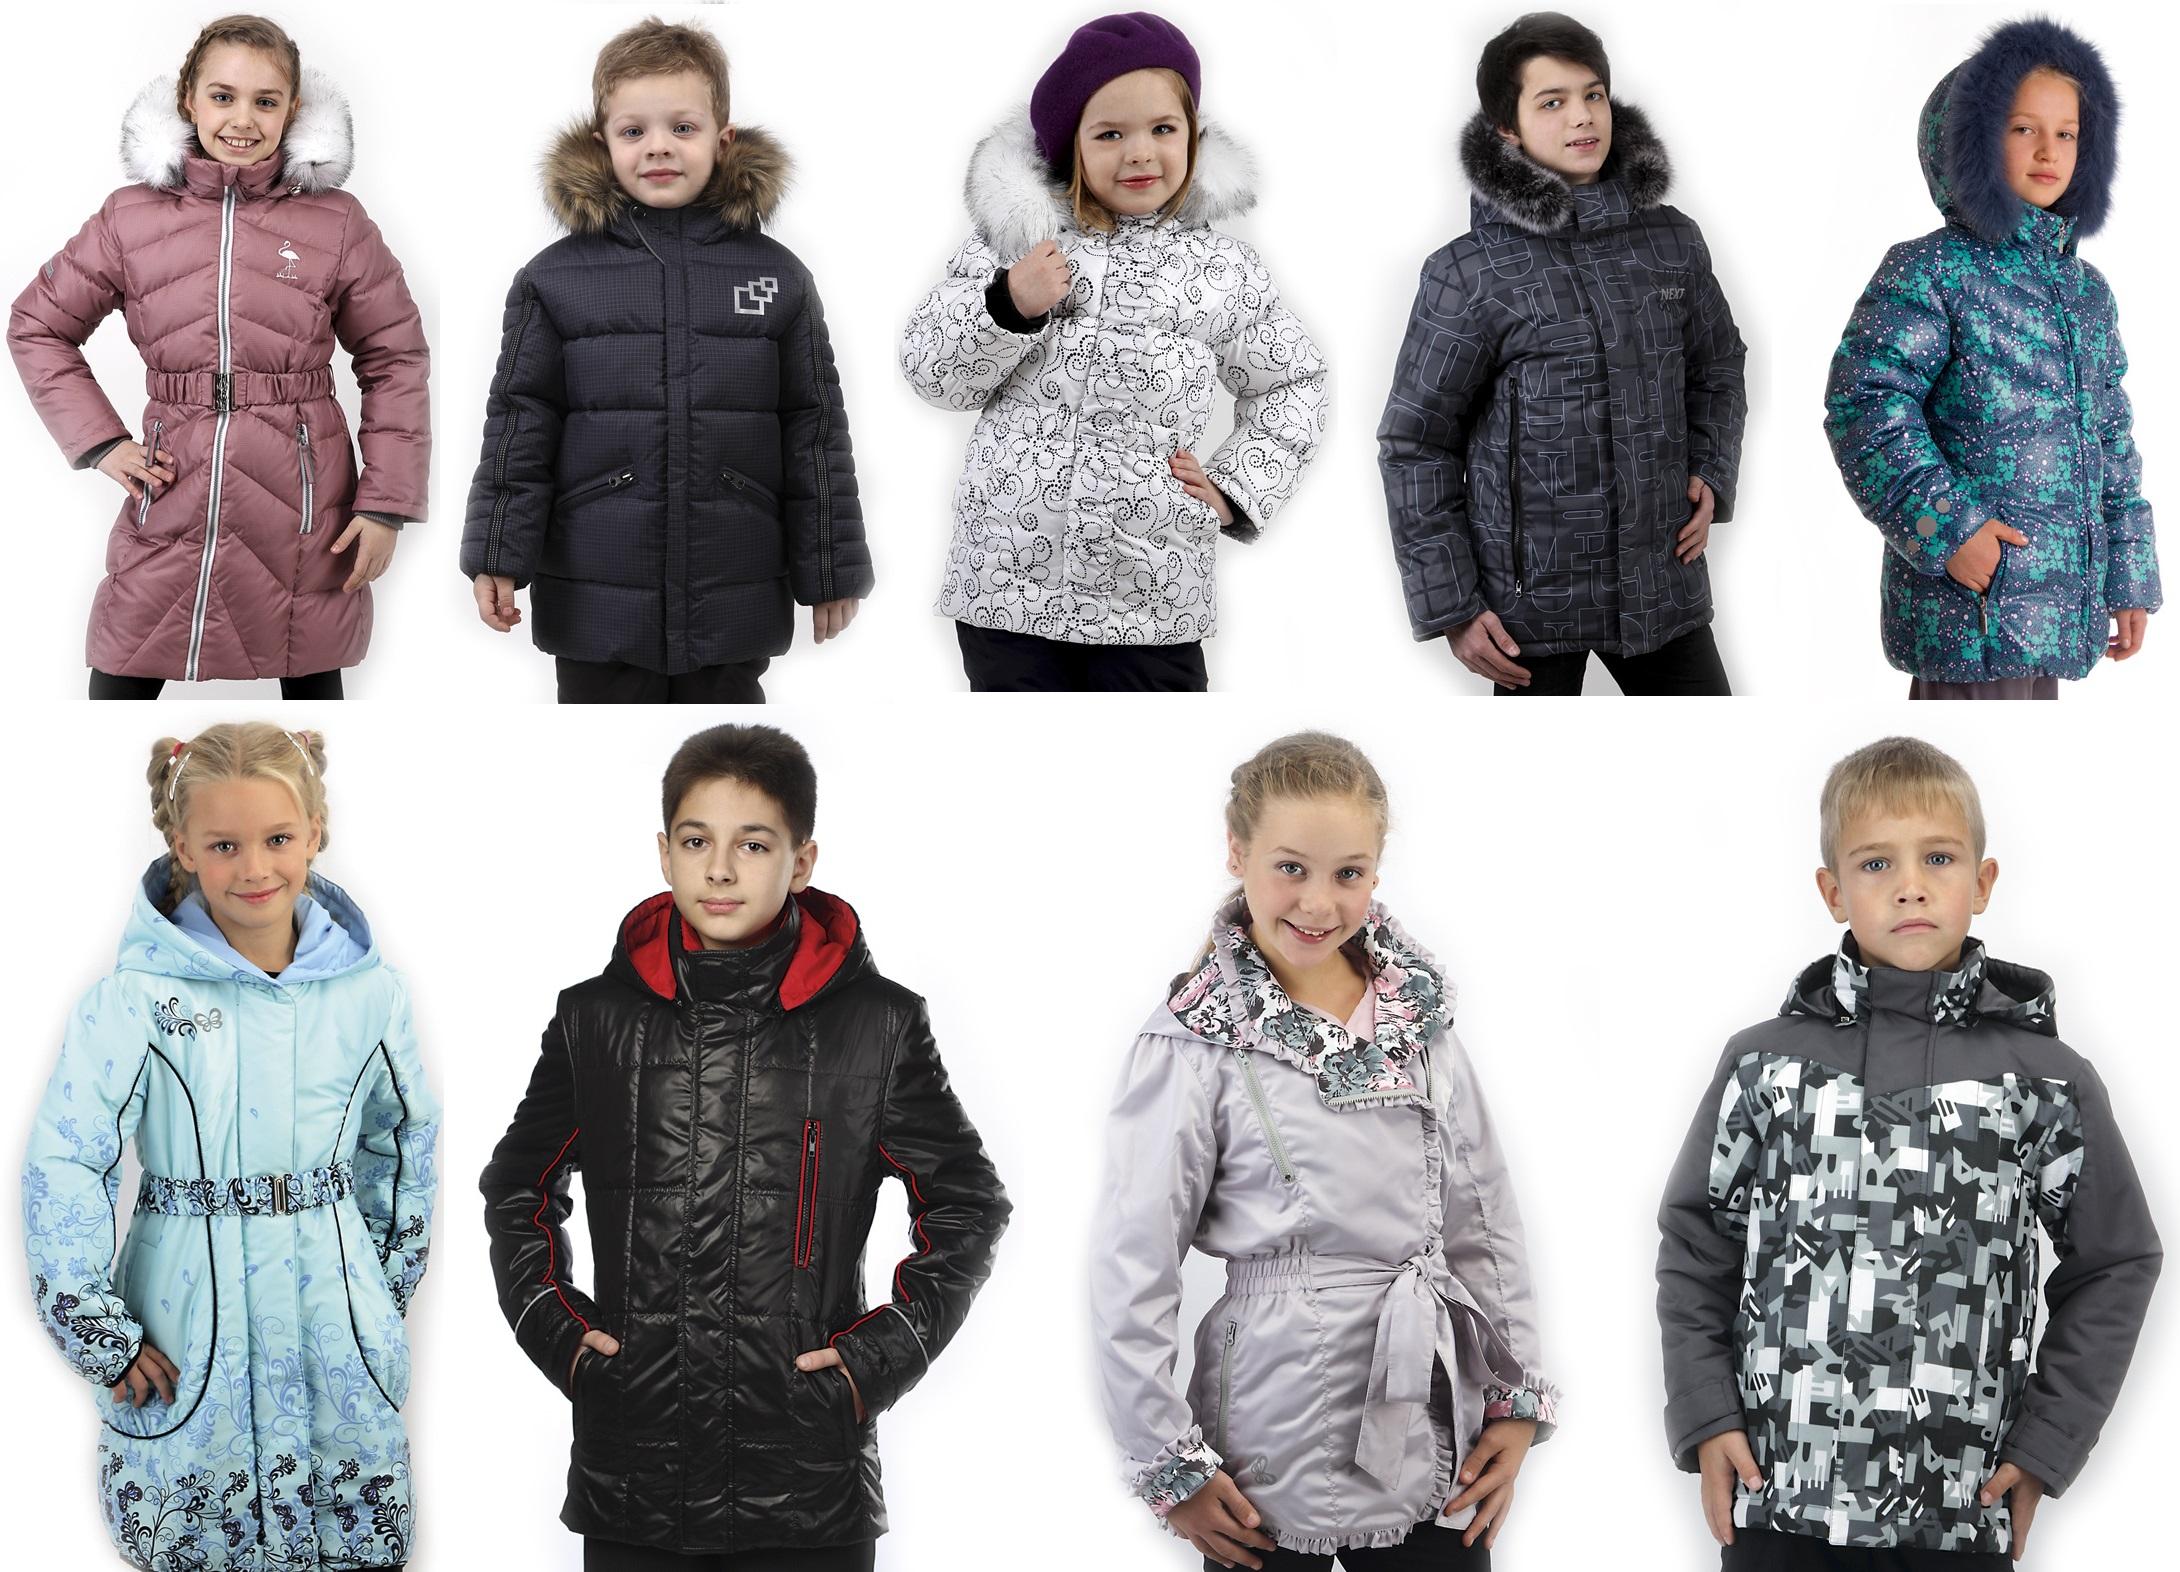 РАСПРОДАЖА детской и подростковой верхней одежды. От 86 до 176 размера.